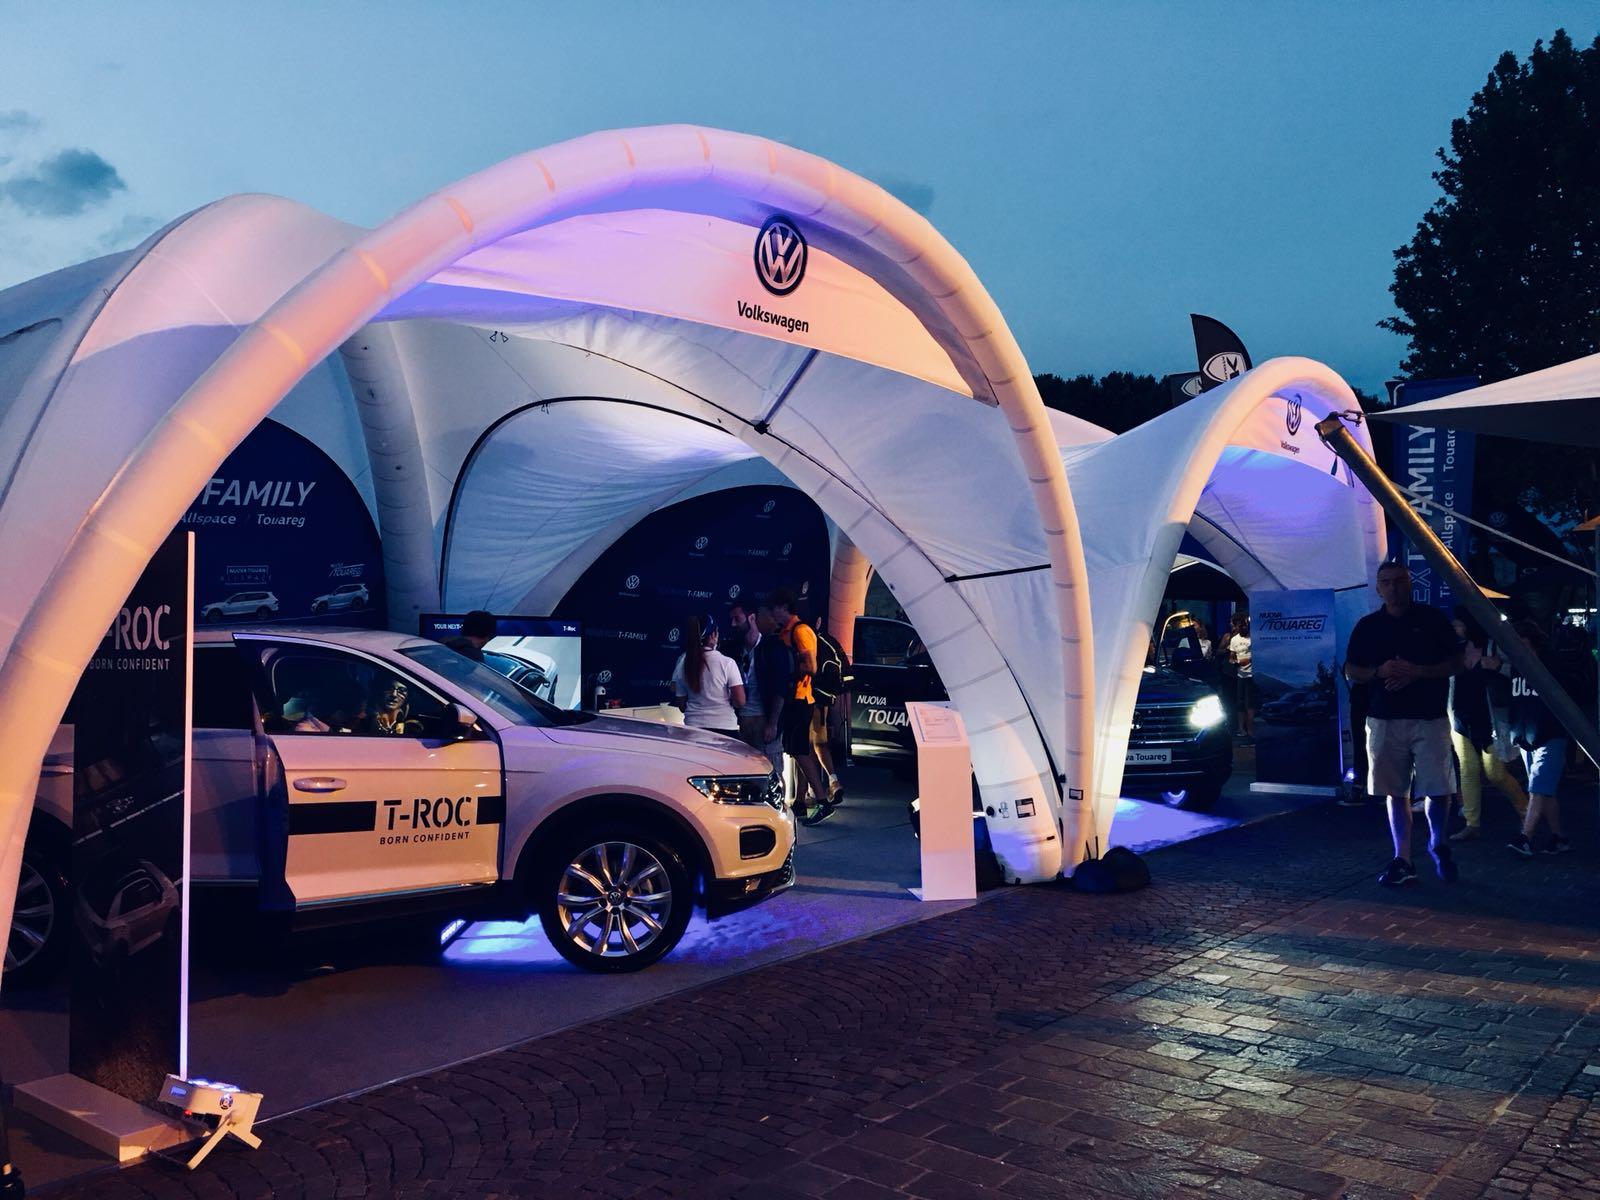 00e8f11d-642a-4c60-8b75-42ea2c85275cFree Event agenzia eventi produzione allestimenti convention spazio trio triathlon volkswagen